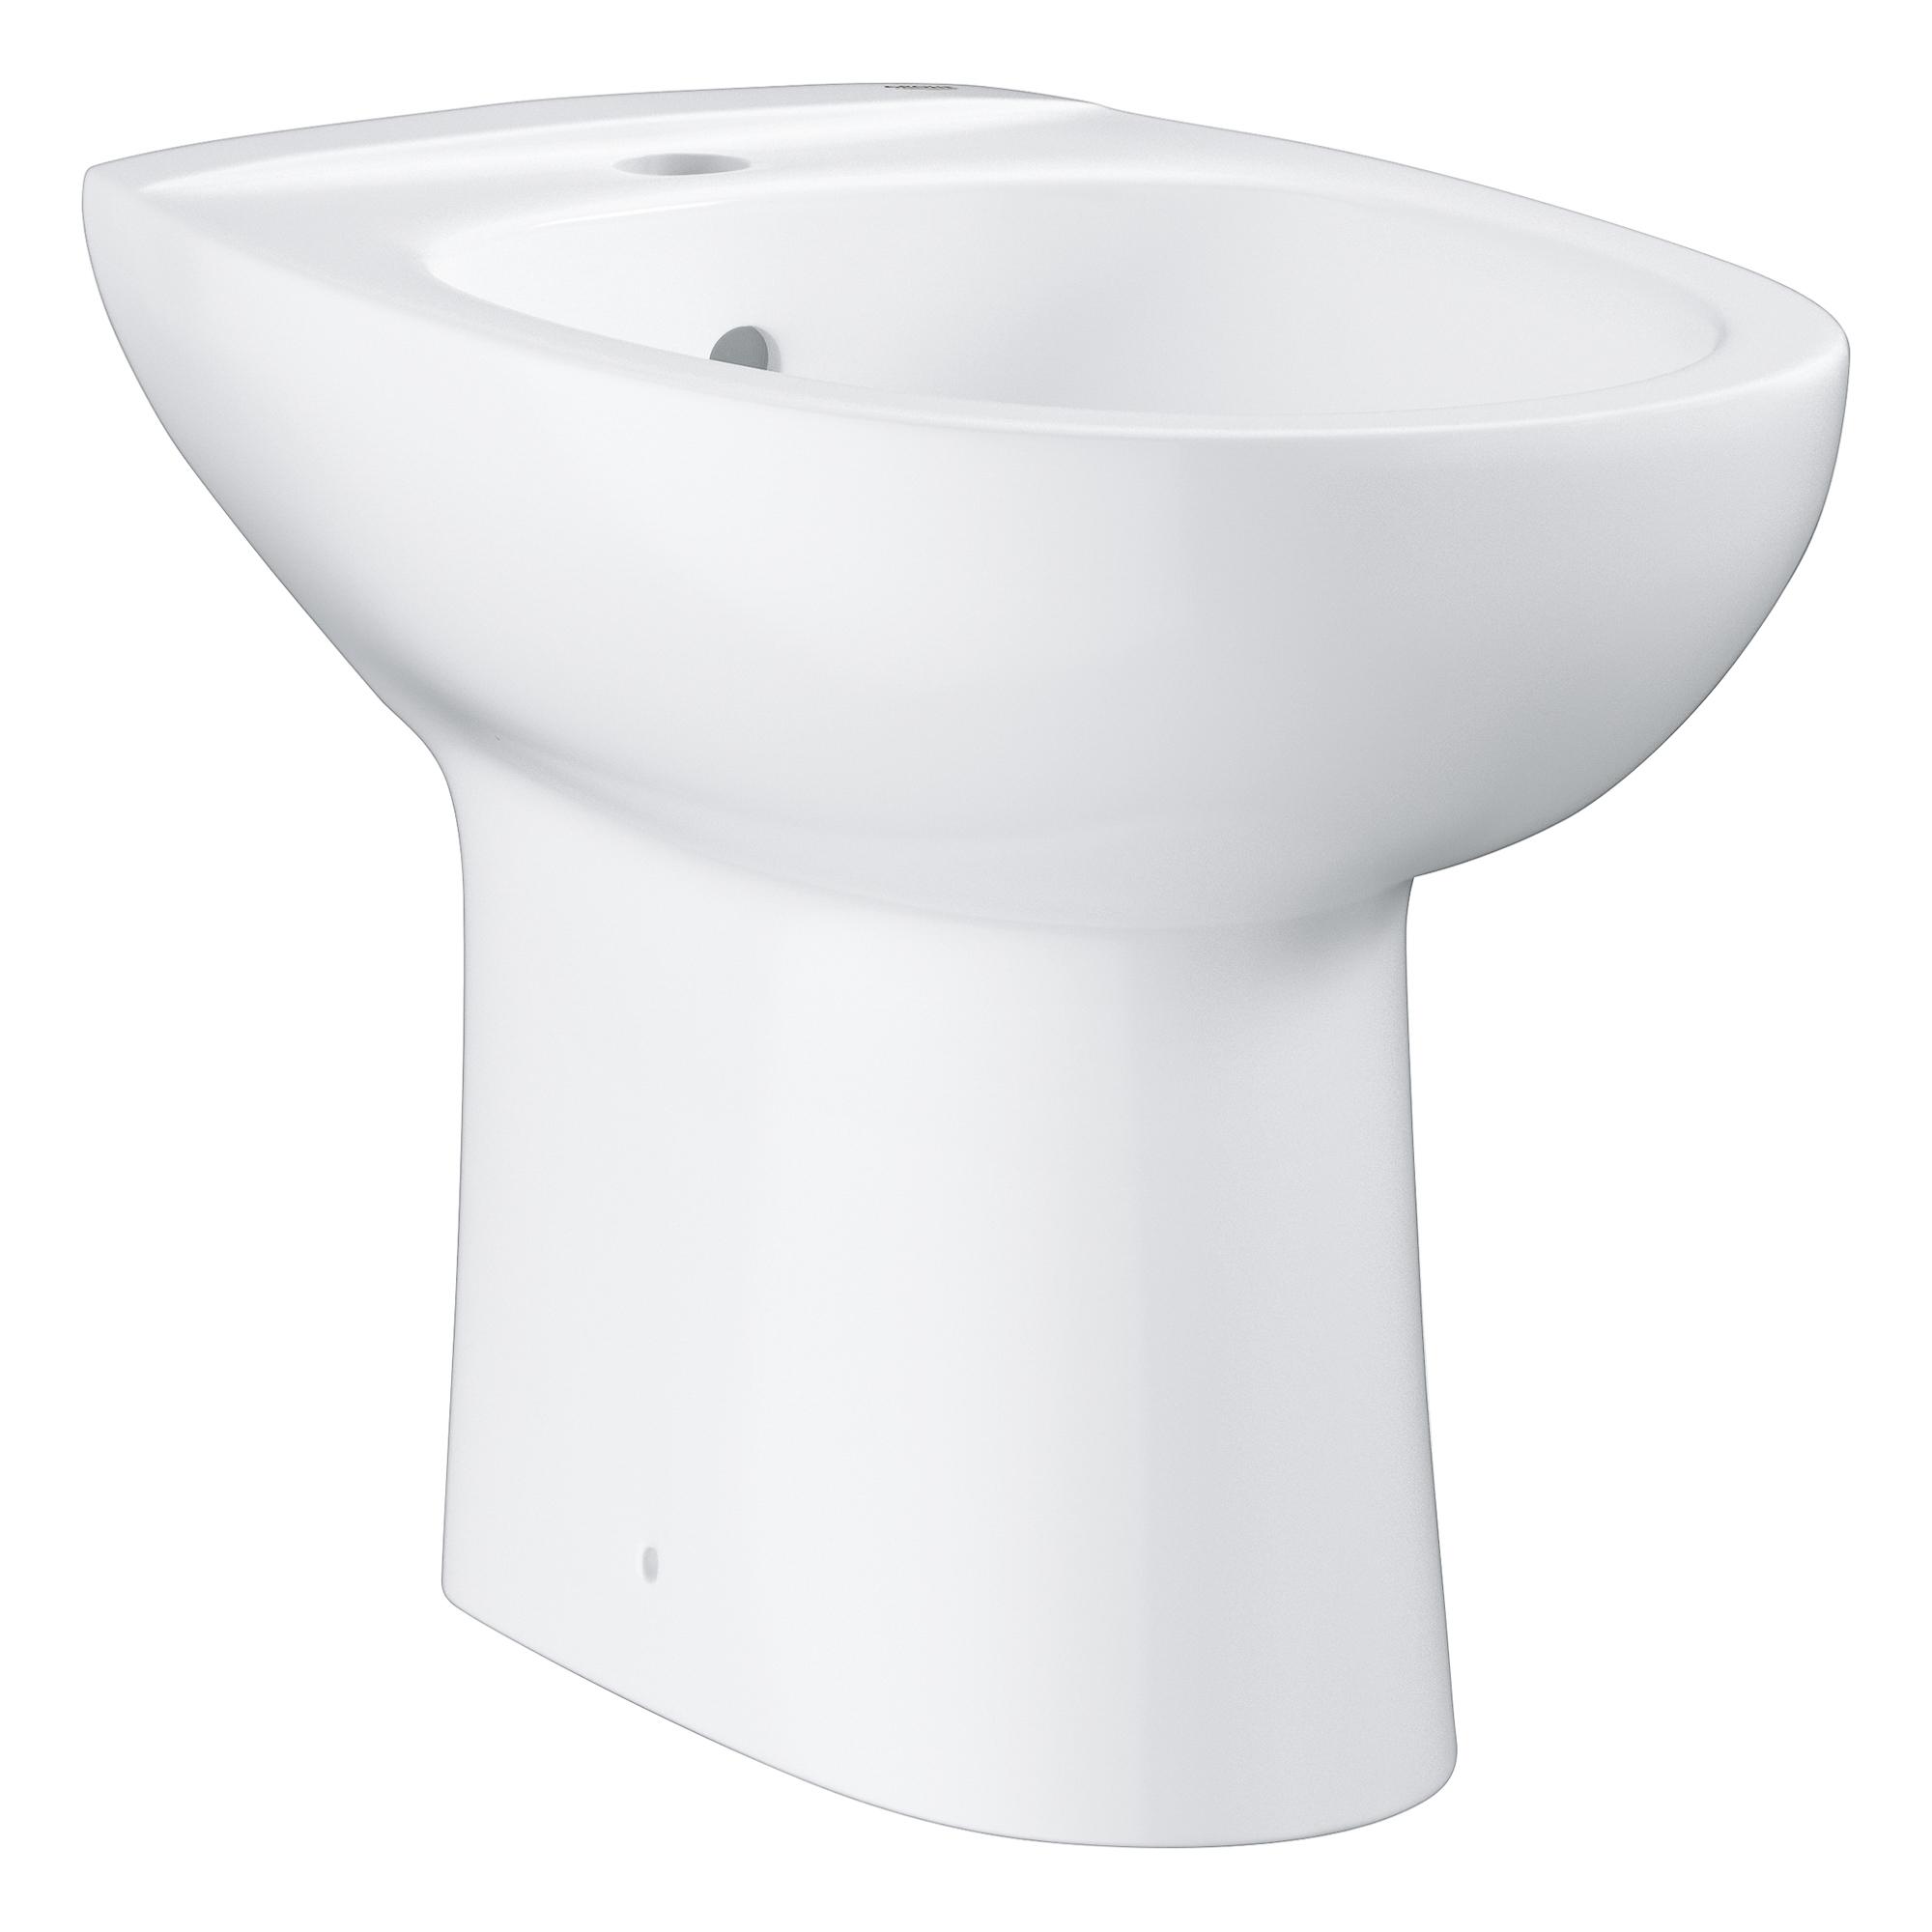 Купить Напольное биде GROHE Bau Ceramic, альпин-белый (39432000), Биде напольные, Вьетнам, сантехнический фарфор